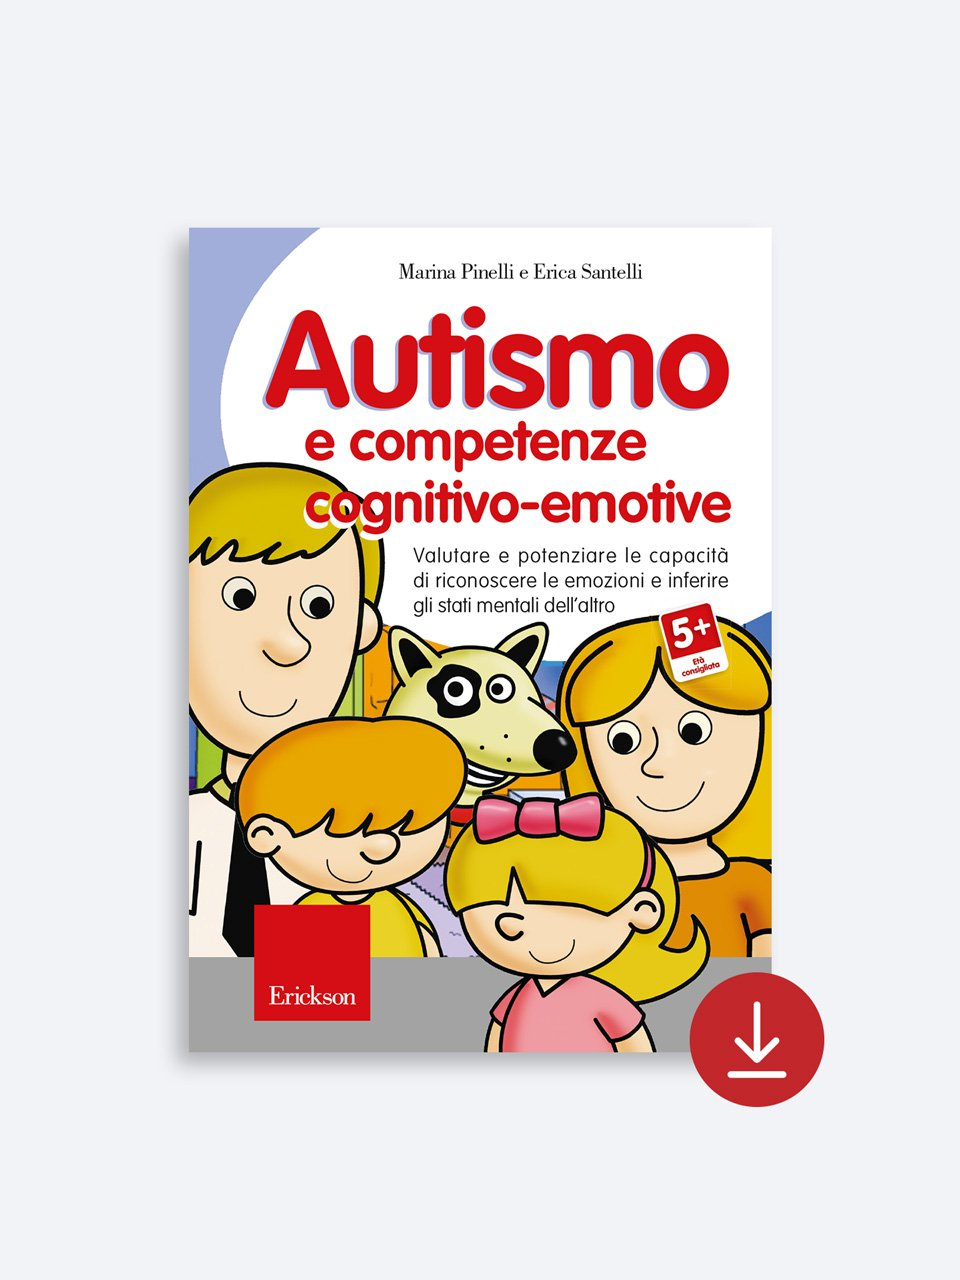 Autismo e competenze cognitivo-emotive - La regolazione delle emozioni in psicoterapia - Libri - Erickson